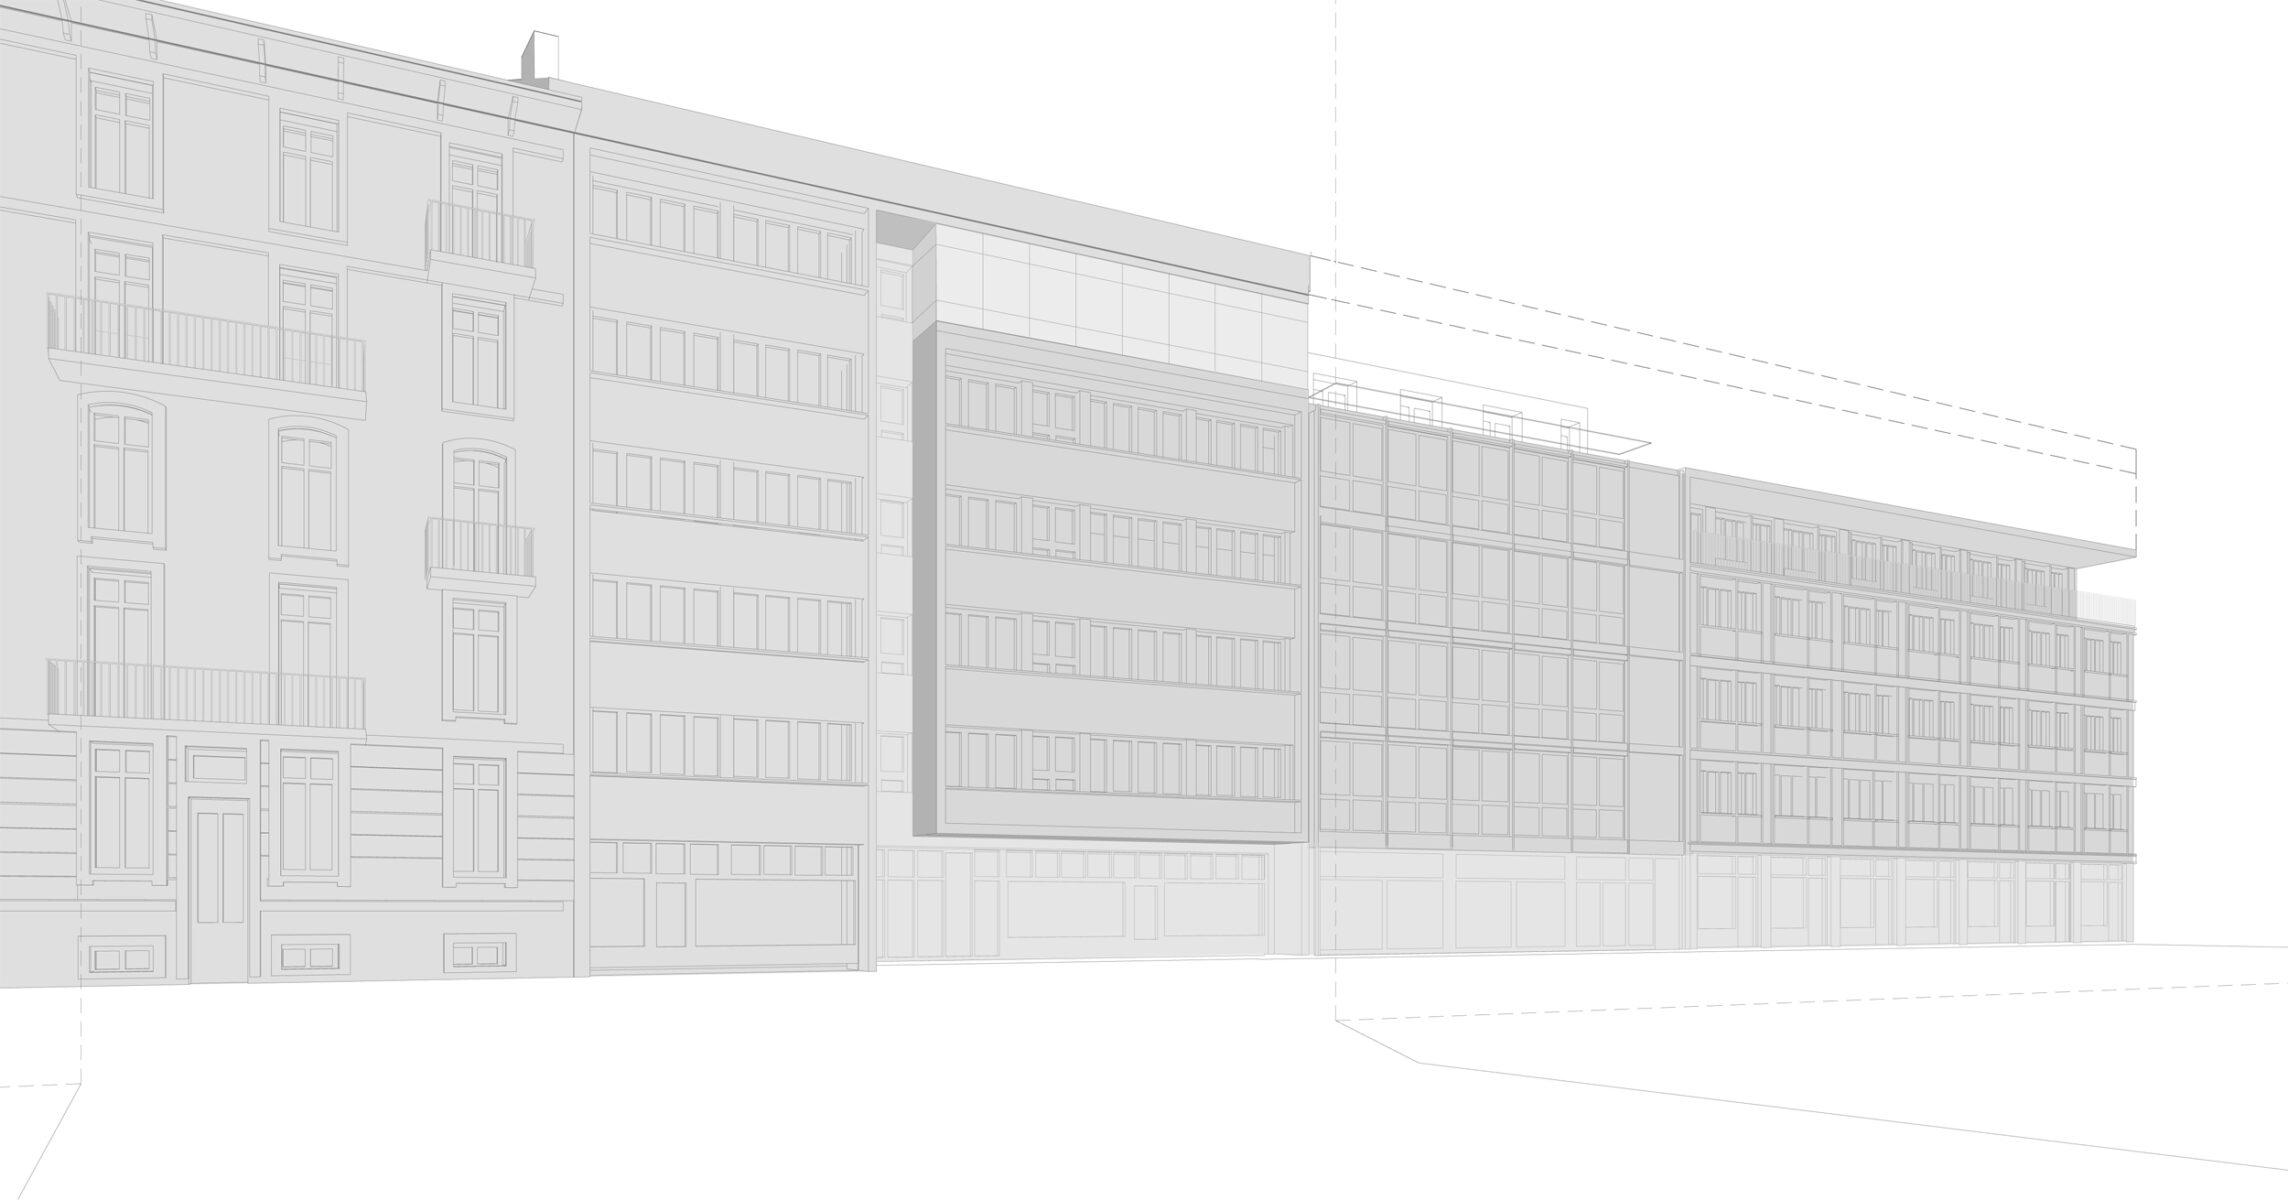 9 CA-2_le groupe d'immeubletest _ Mise en page